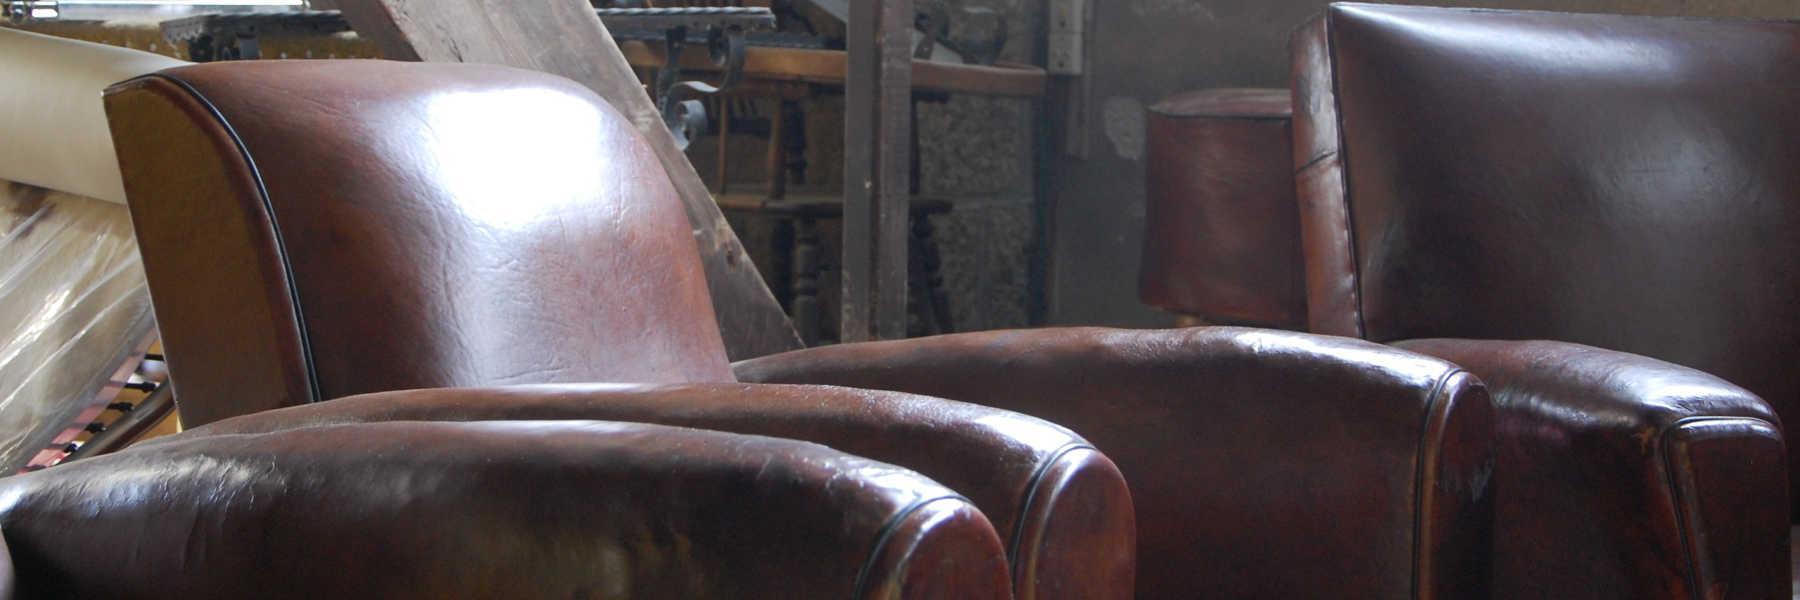 Artisan de l'atelier du cuir à Callac